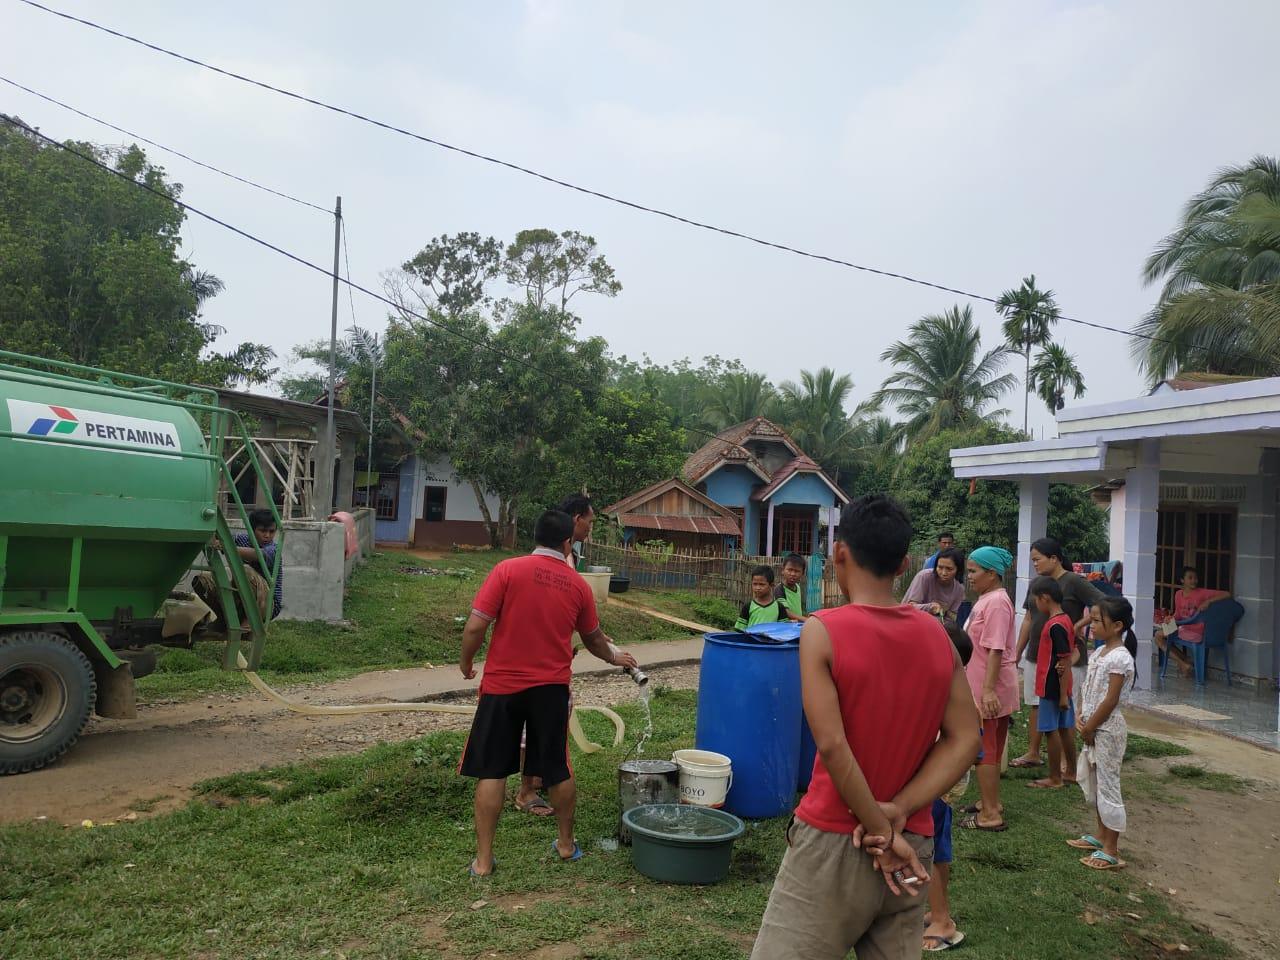 kades-sungai-dua-gandeng-pertamina-dan-pt-smse-suplai-air-bersih-ke-masyarakat-muba55oy1572689877.jpg